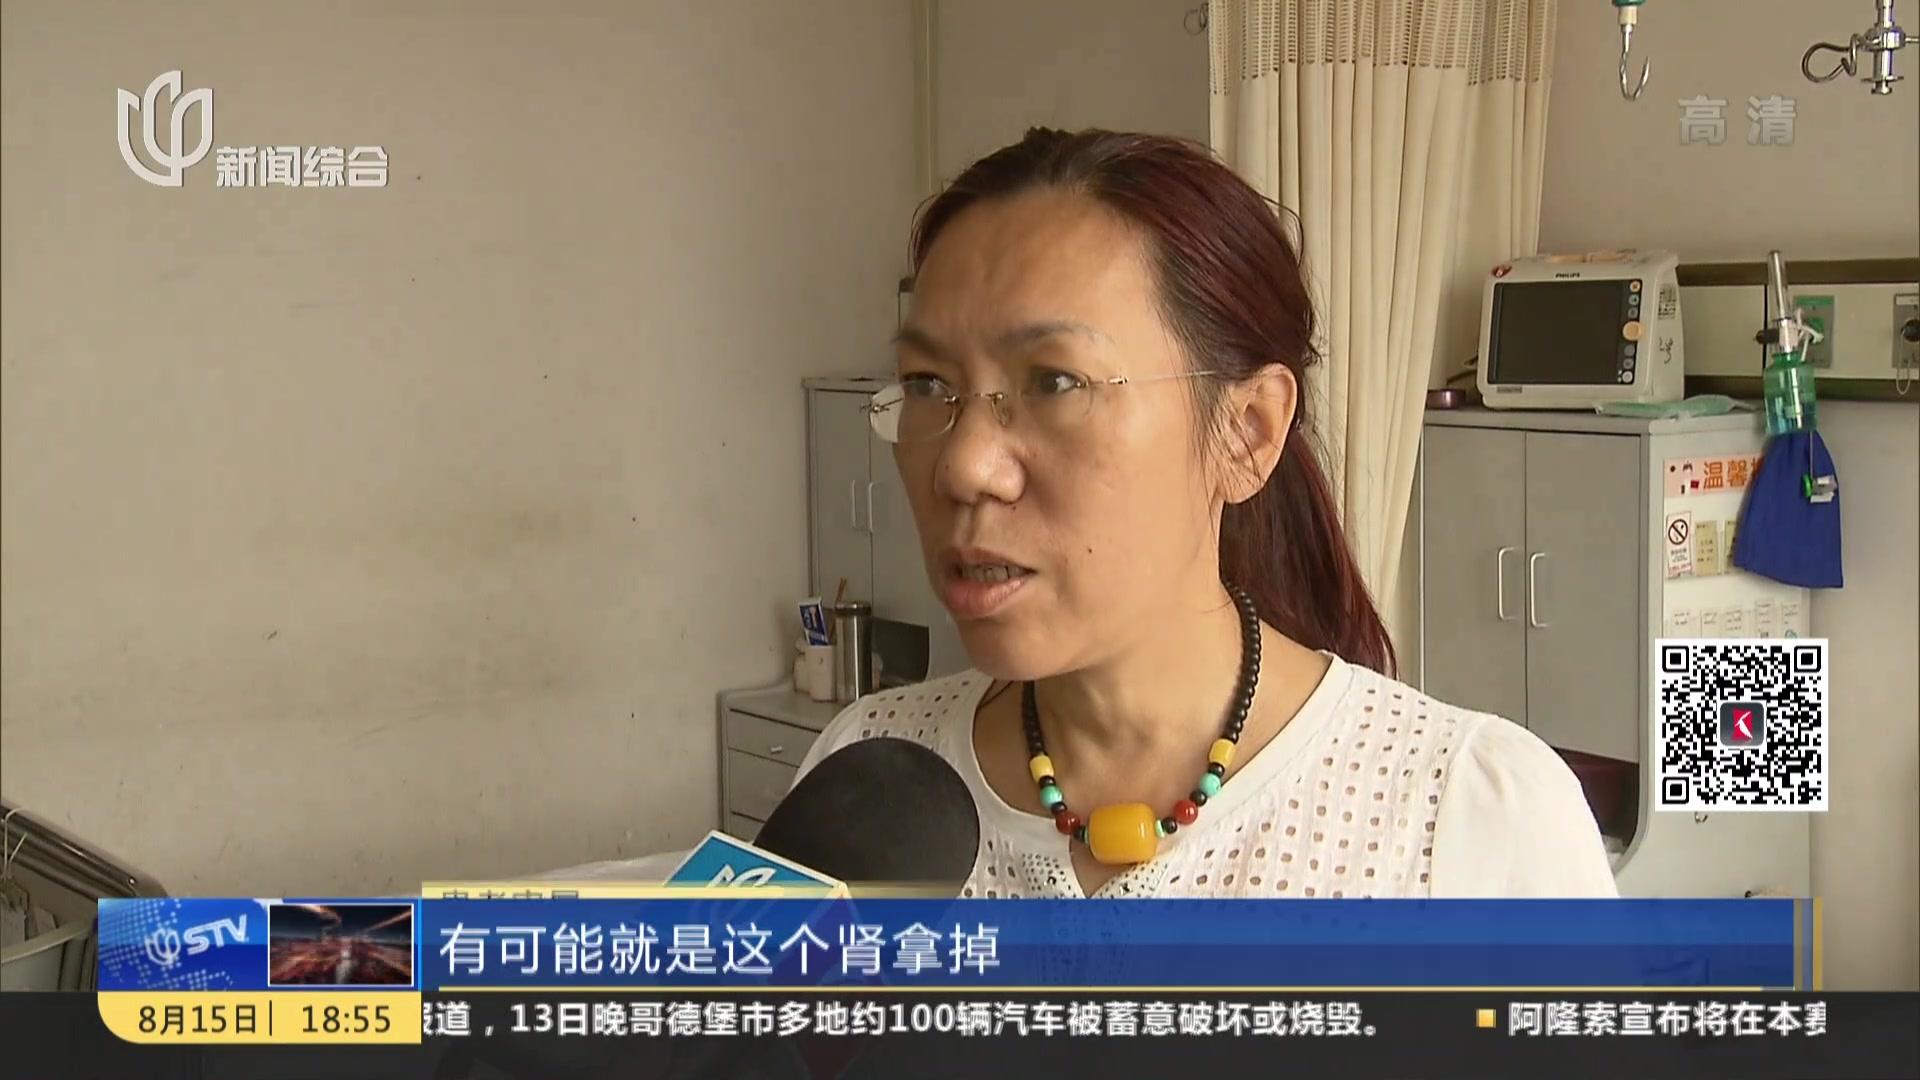 仁济医院医生施妙手  成功实施高难度保肾手术